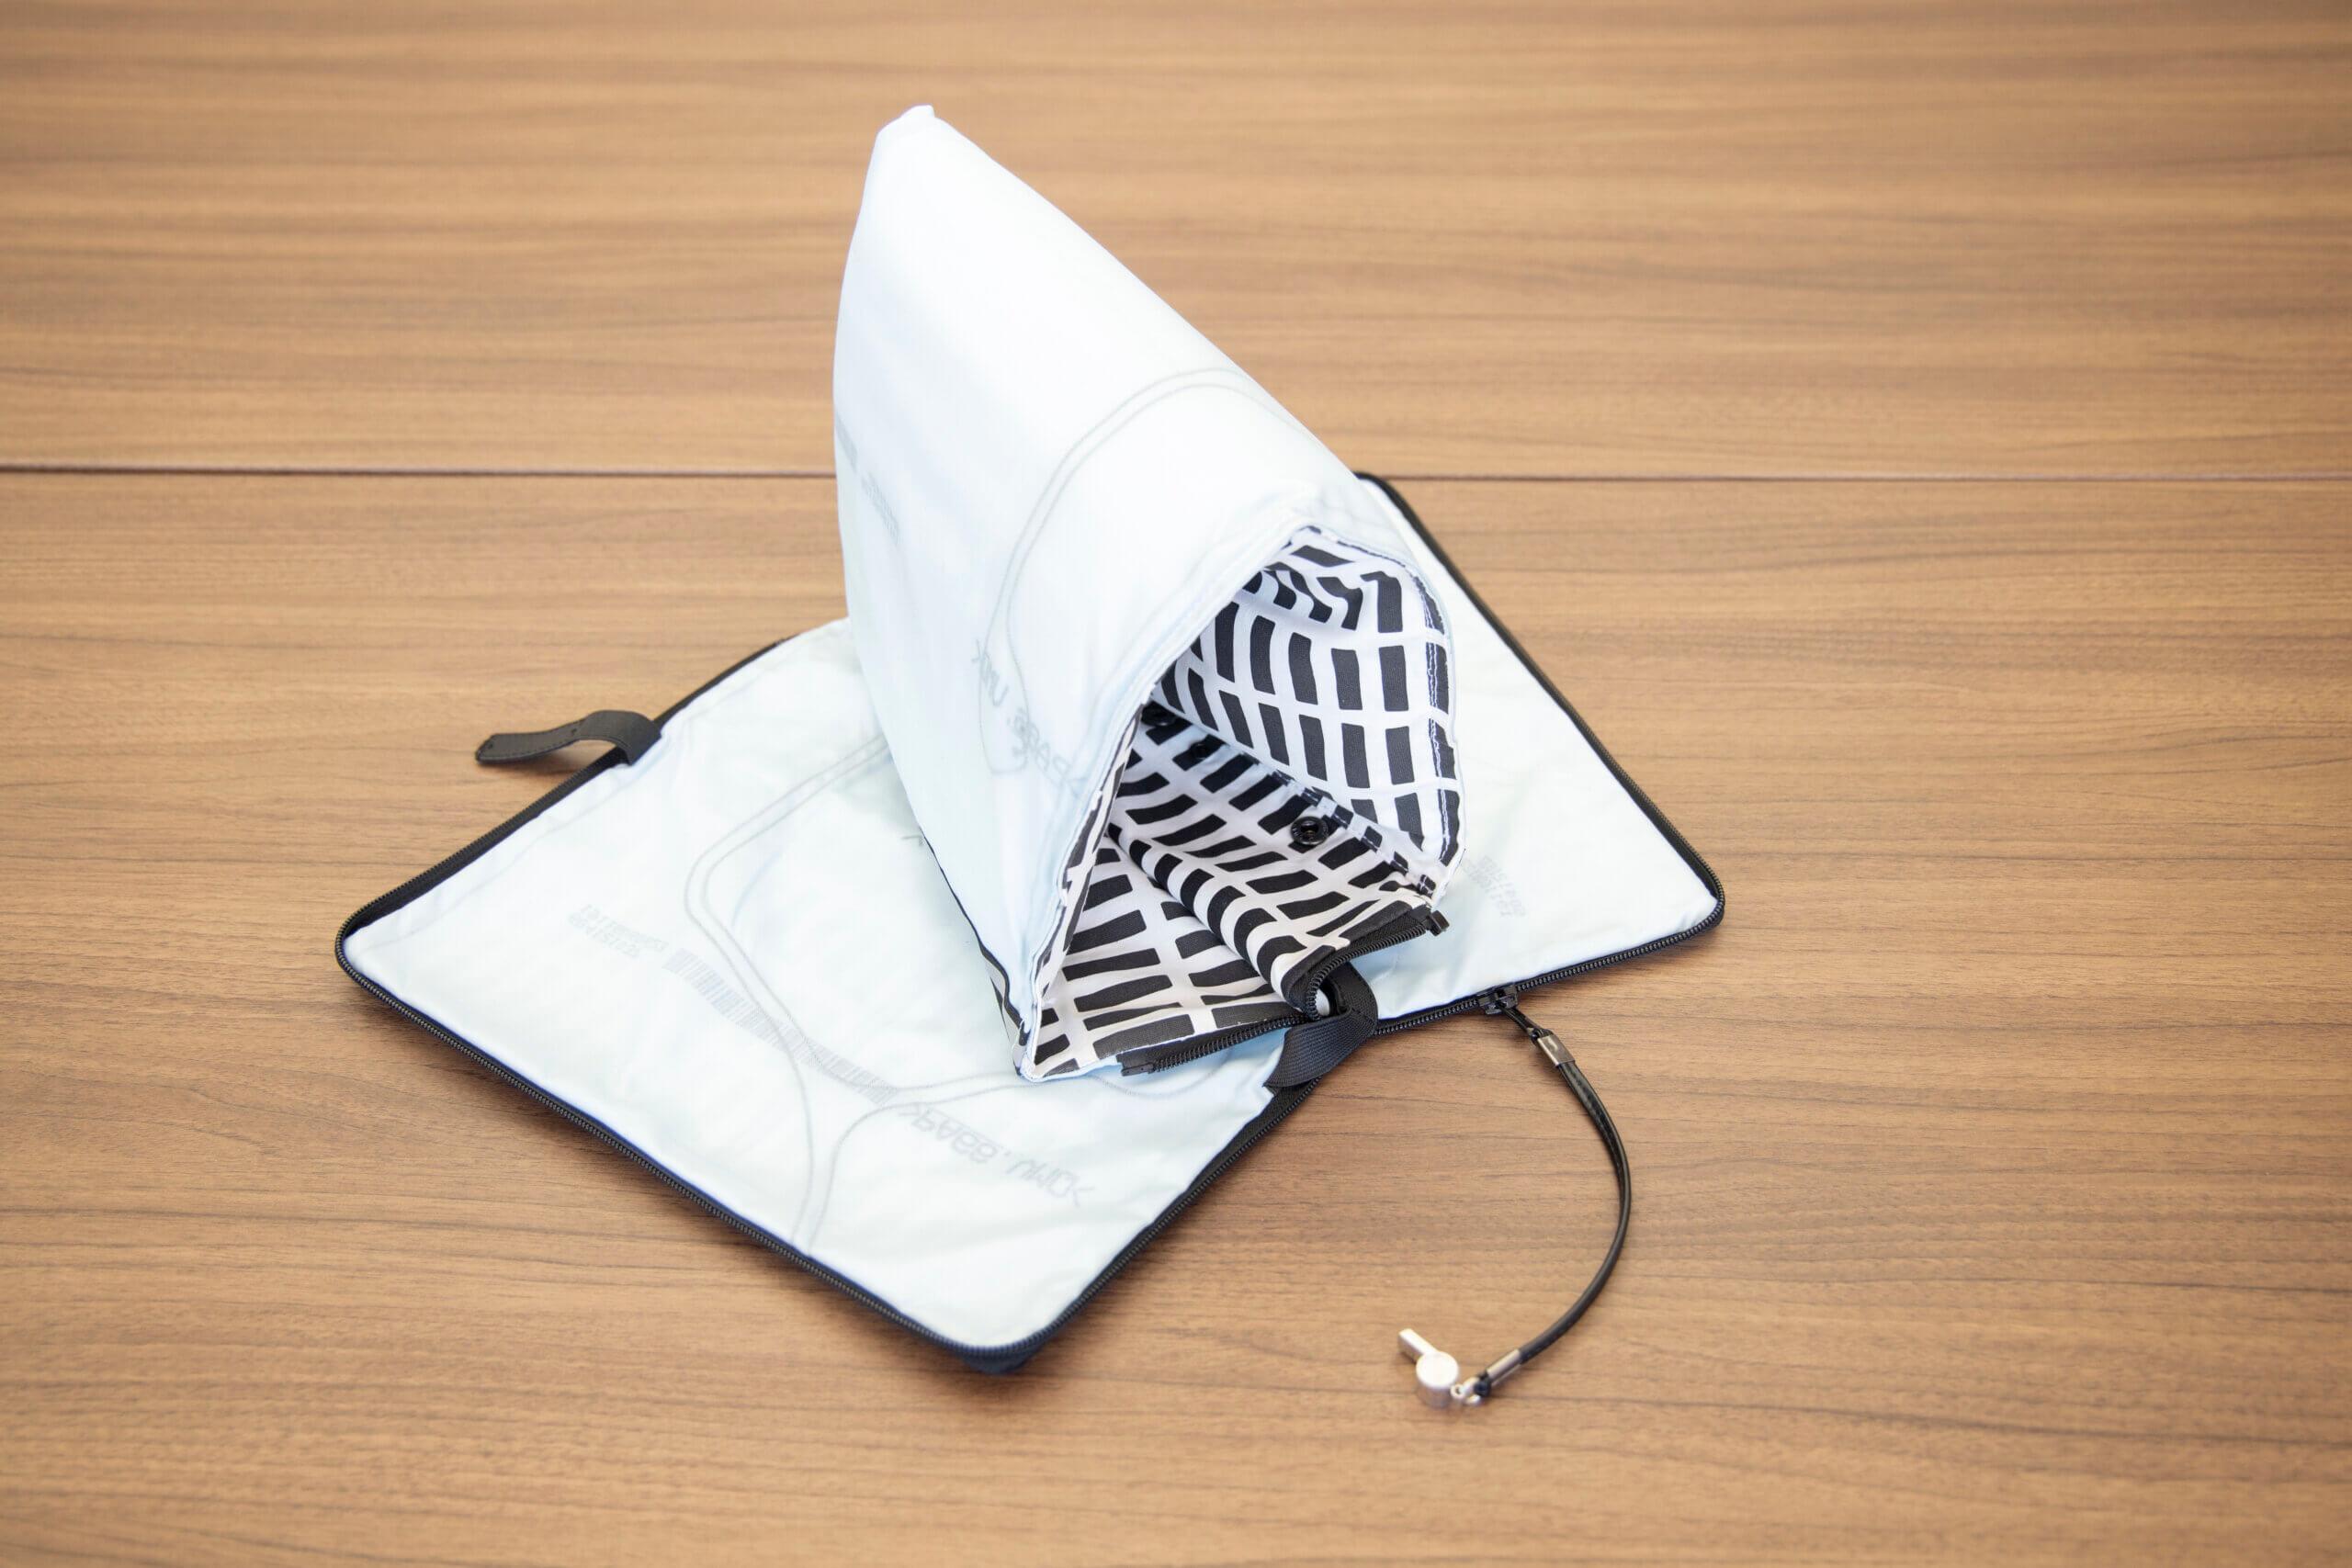 こちらは、トートバッグとセットになっているクラッチバッグ。モノトーンの格子柄のデザインがとてもおしゃれなんですが、なんと、空気を入れて膨らませると、防災頭巾に早変わり!